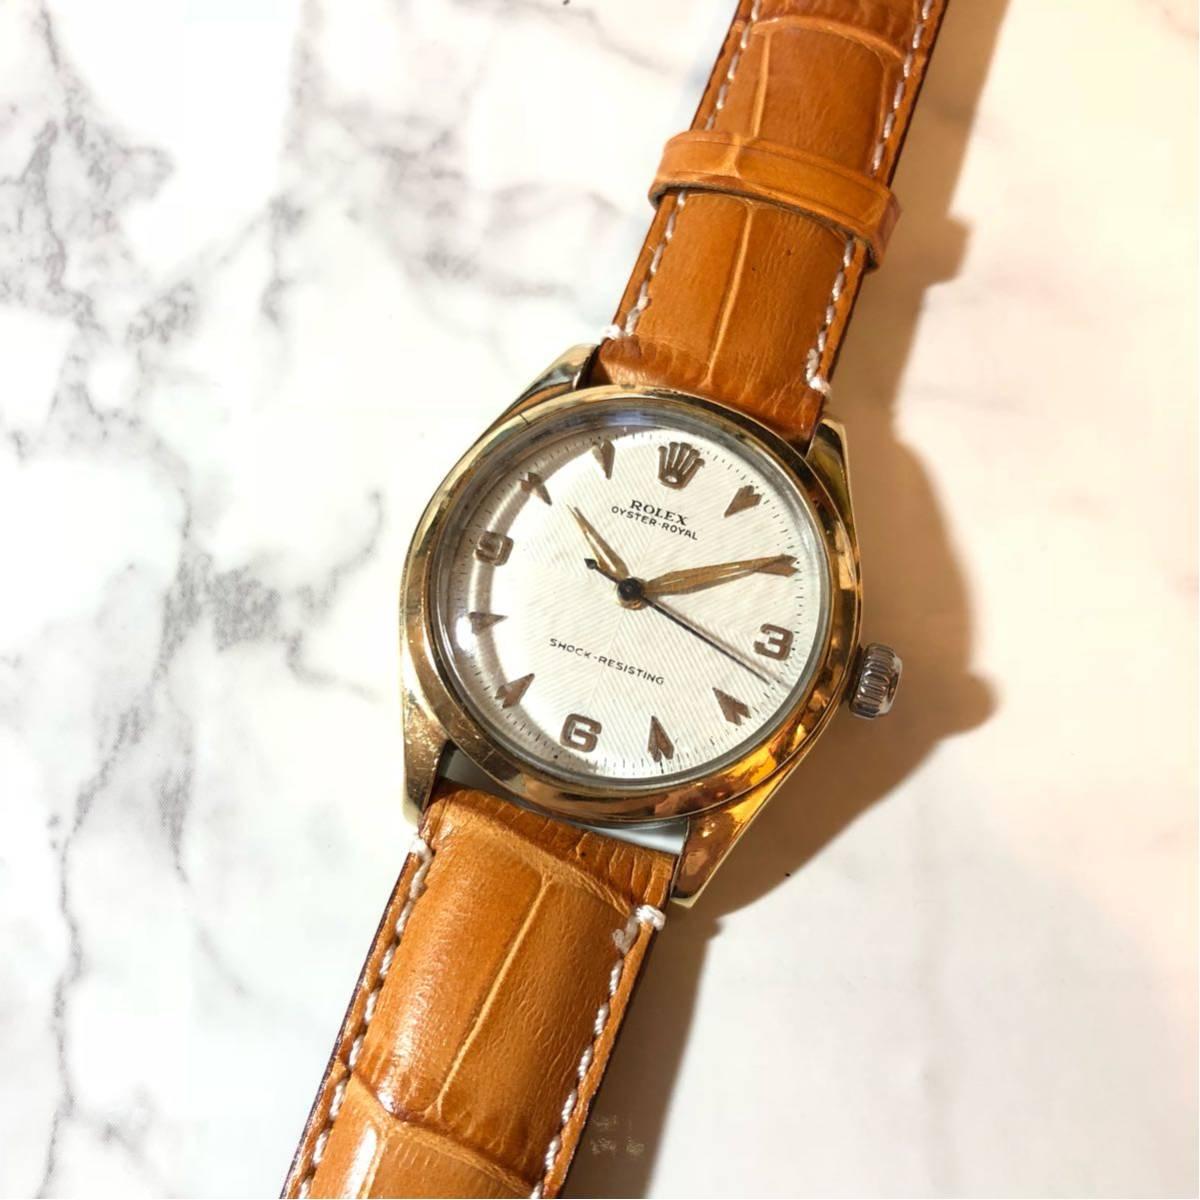 1円スタート☆【ROLEX】Ref-6244 OYSTER ROYAL 手巻き腕時計 WH-1125